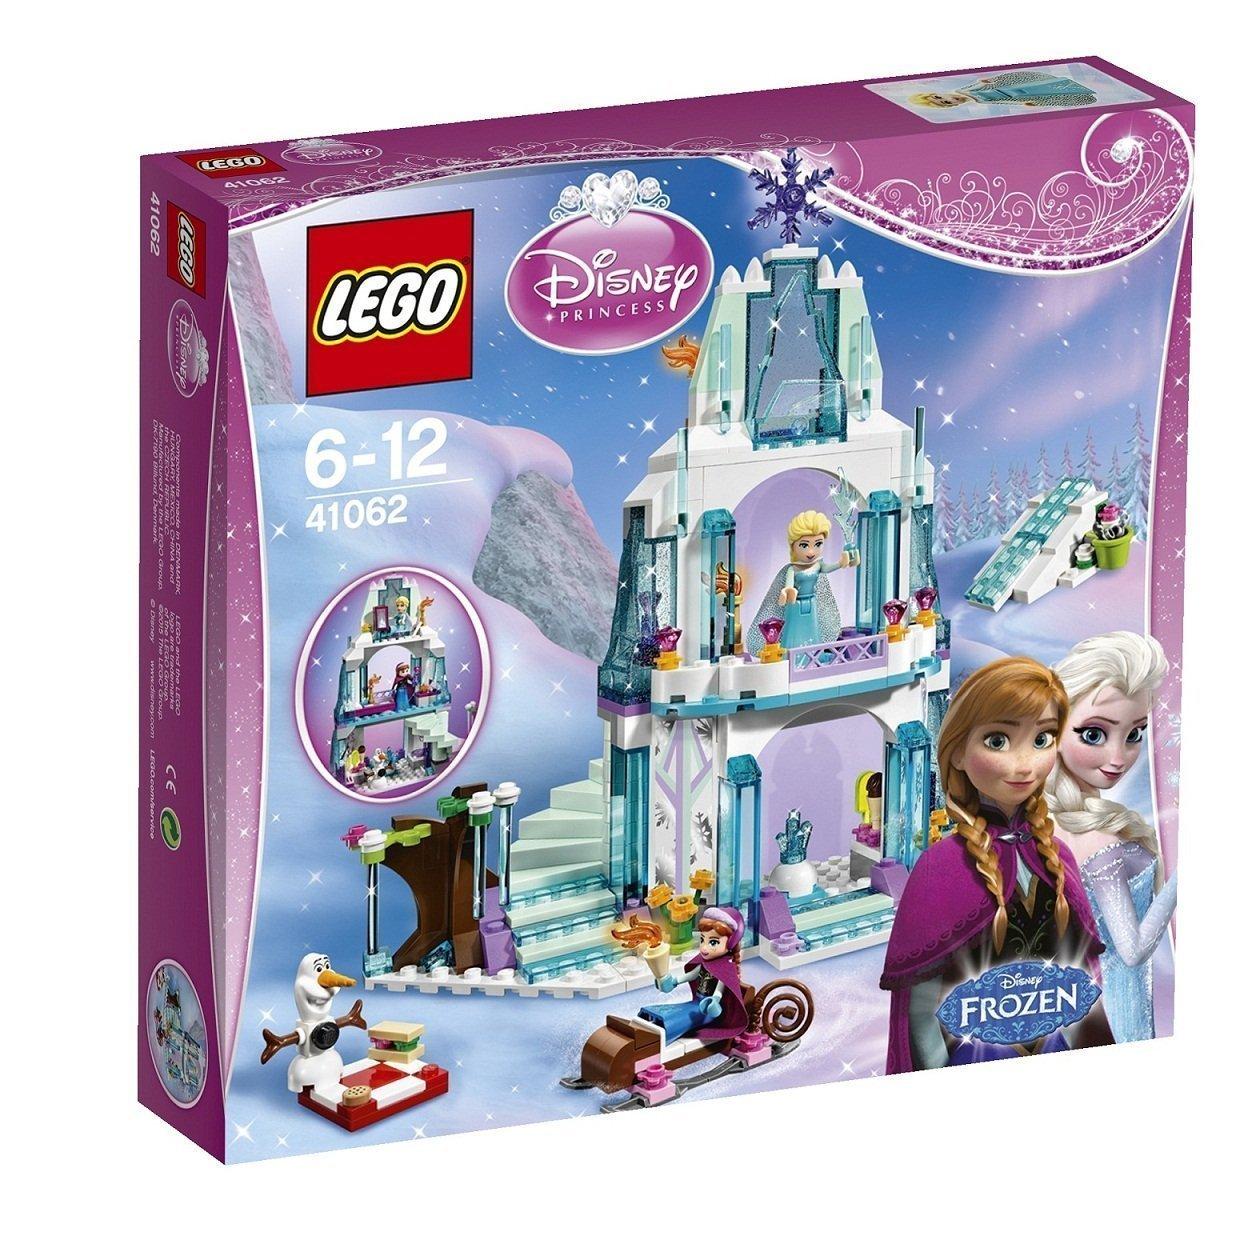 Giocattoli Di Frozen I Migliori Giochi Di Elsa Anna Olaf